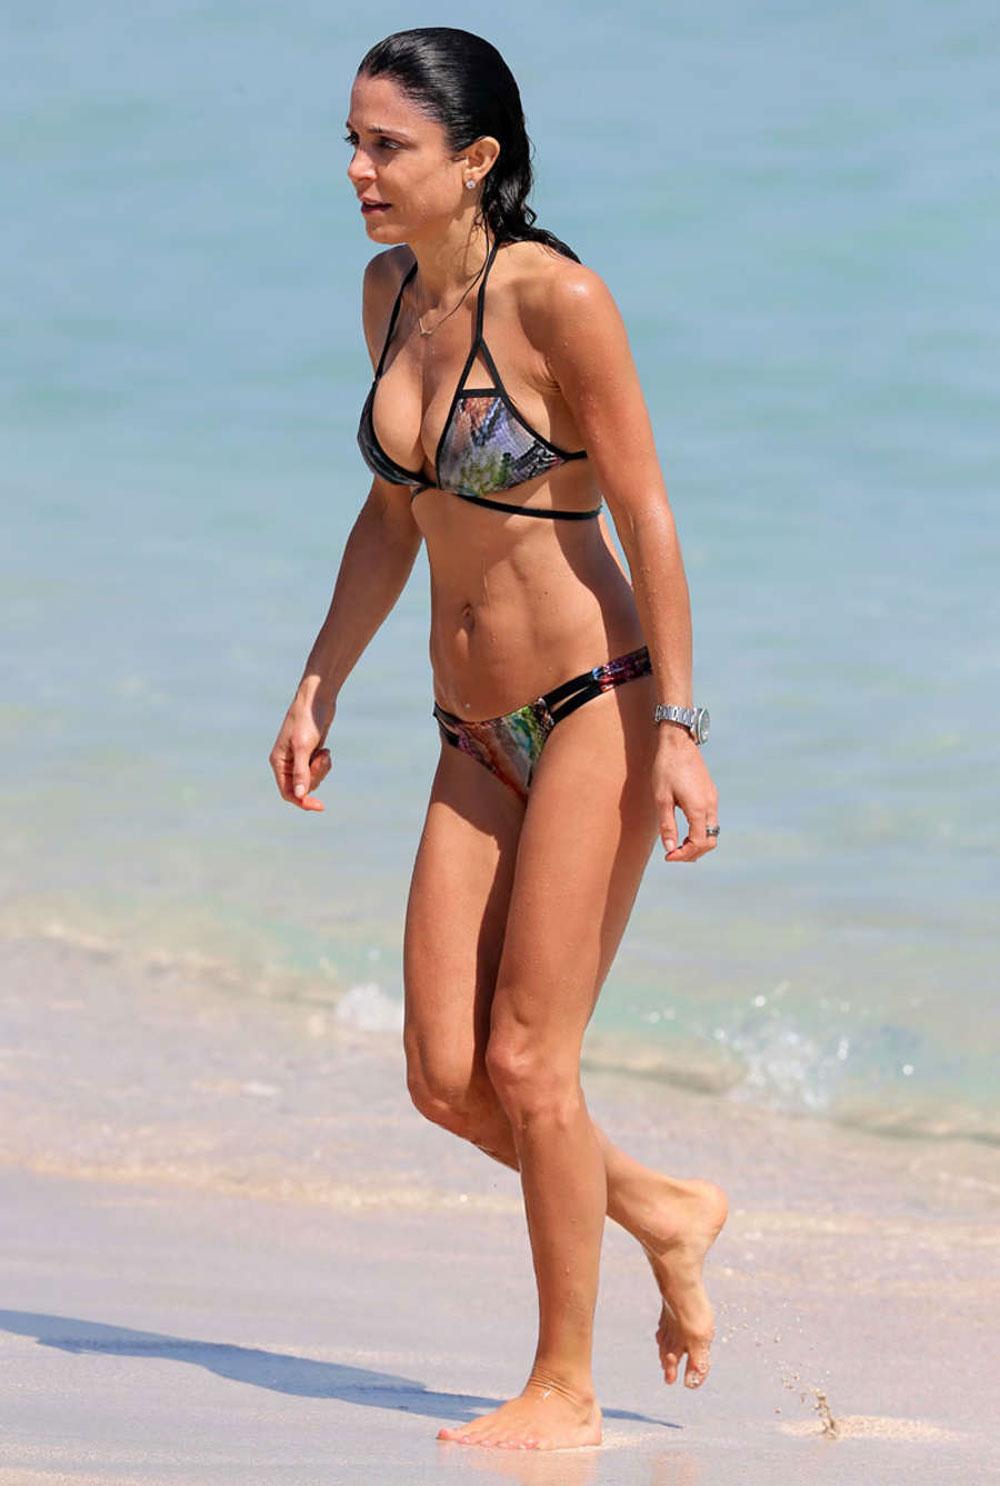 Bethenny Frankel in Bikini on the beach in Miami 2 Pic 2 of 35